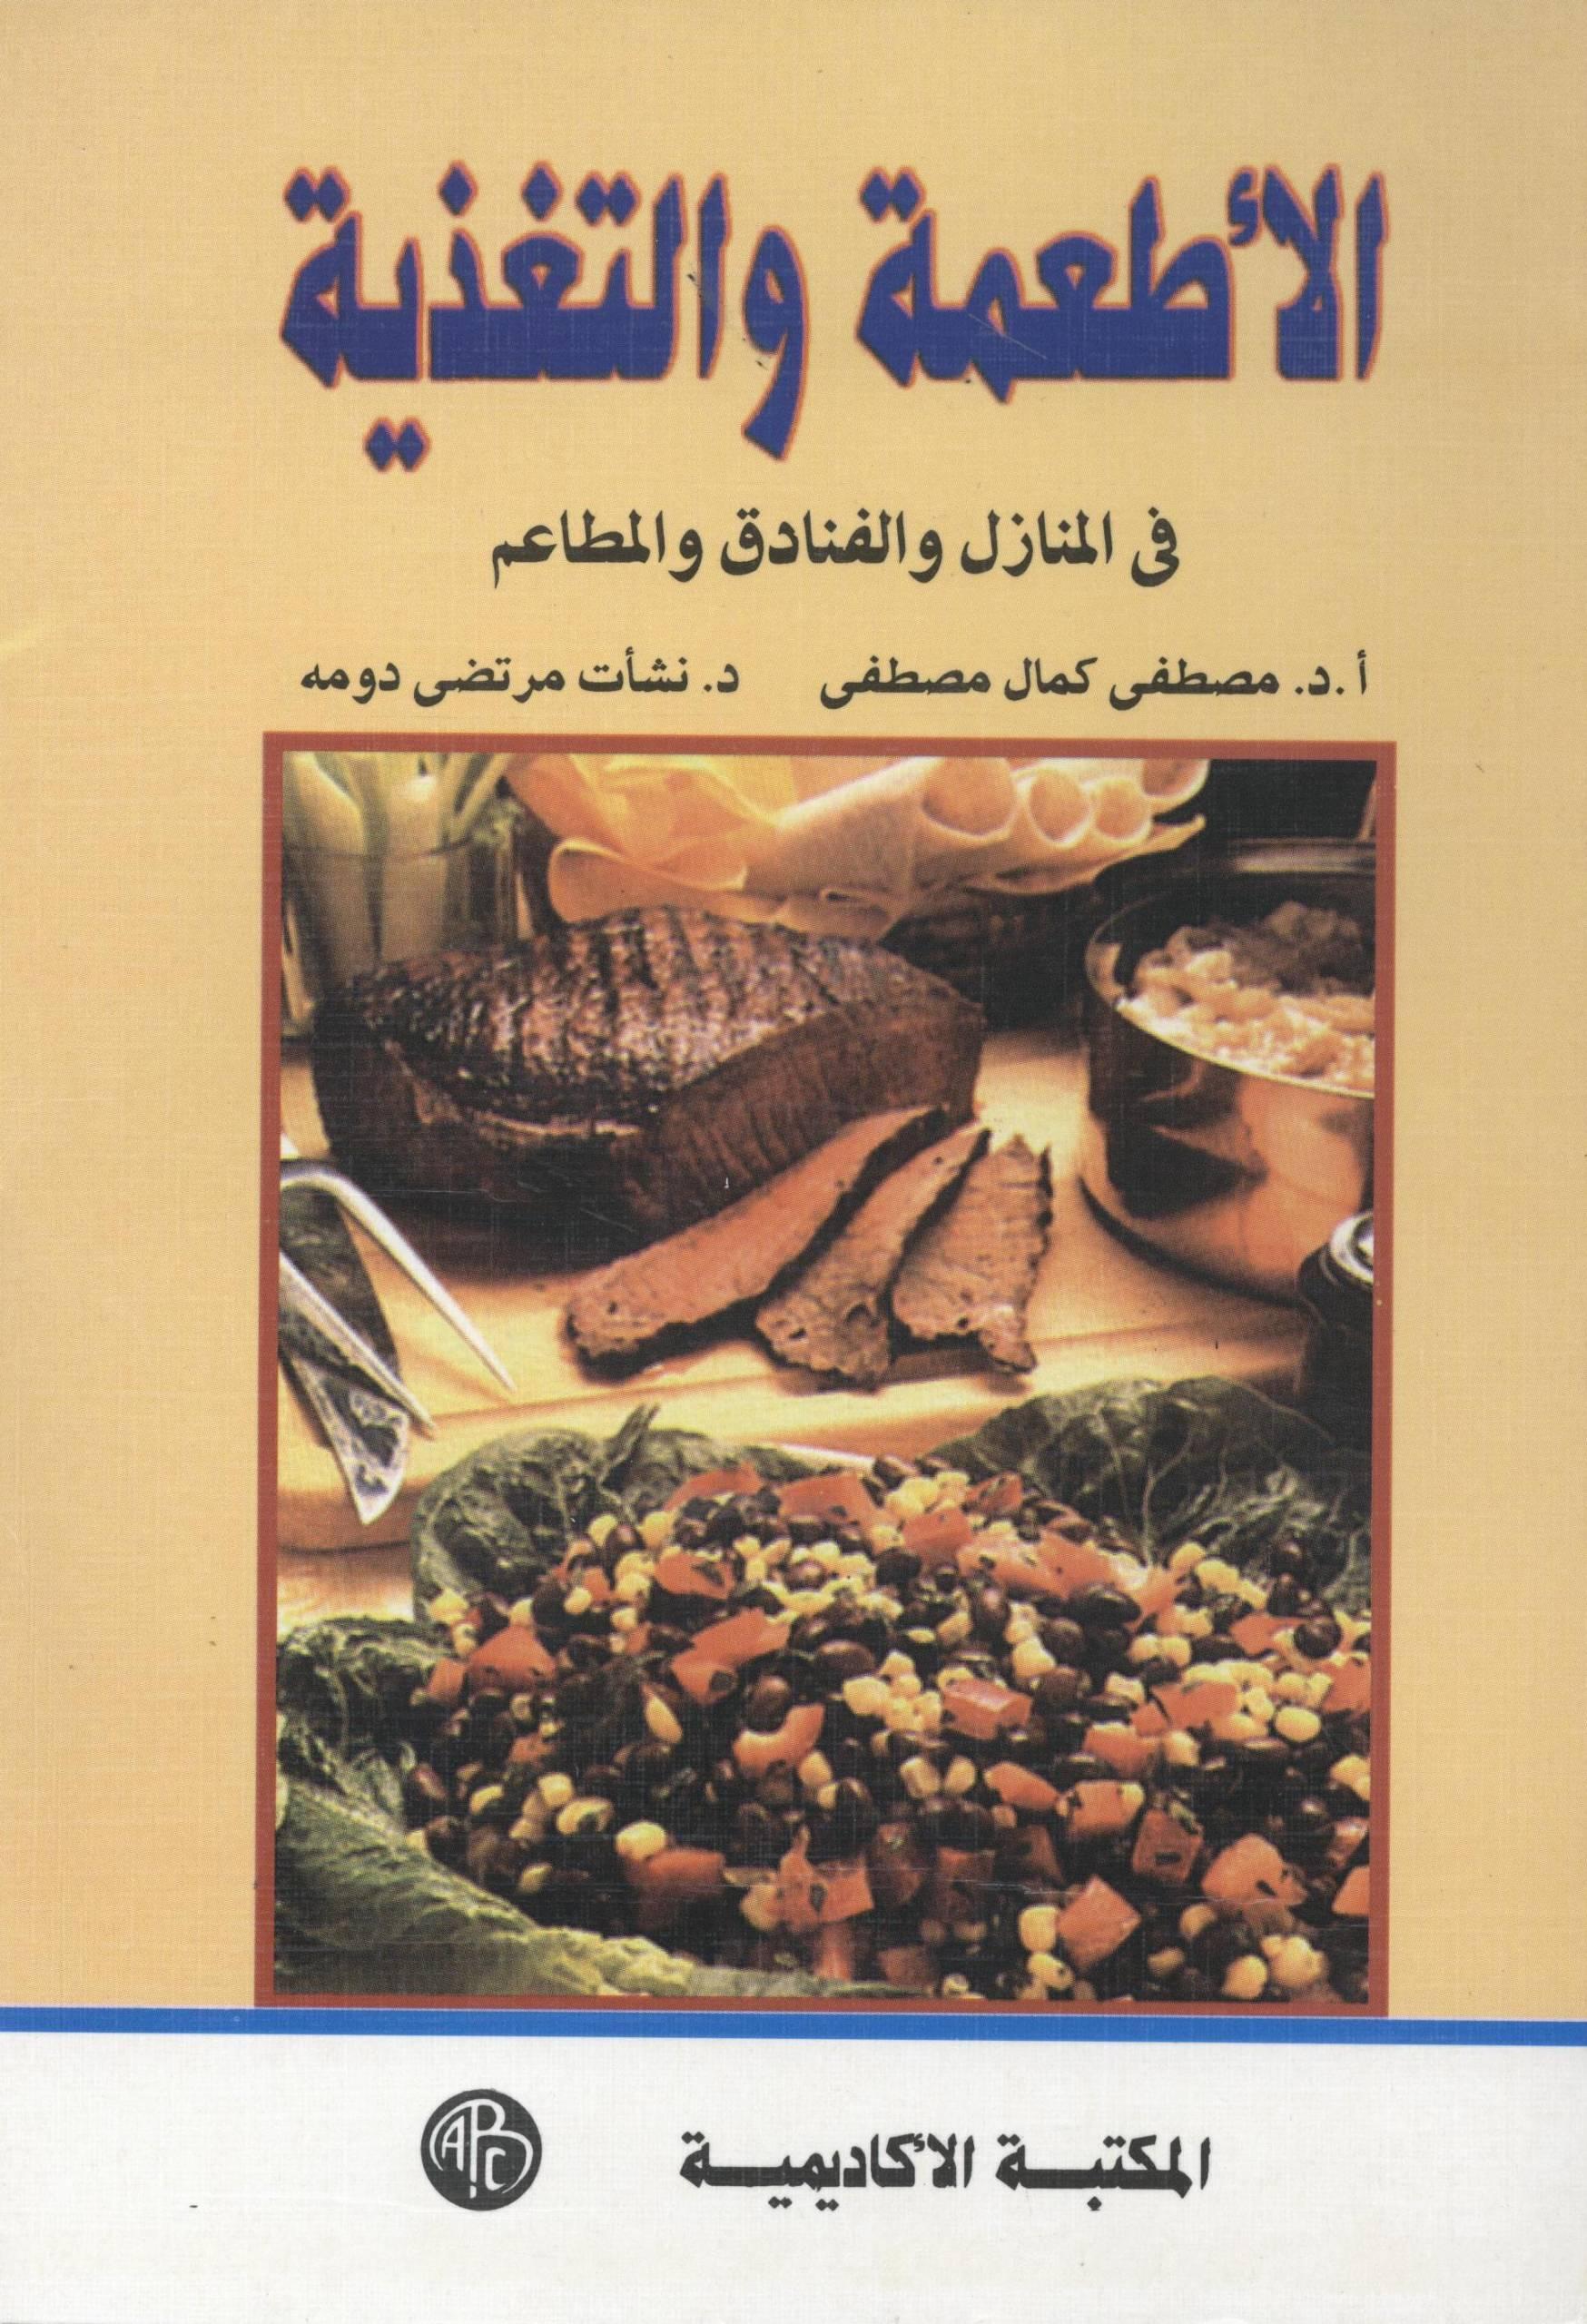 الأطعمة و التغذية